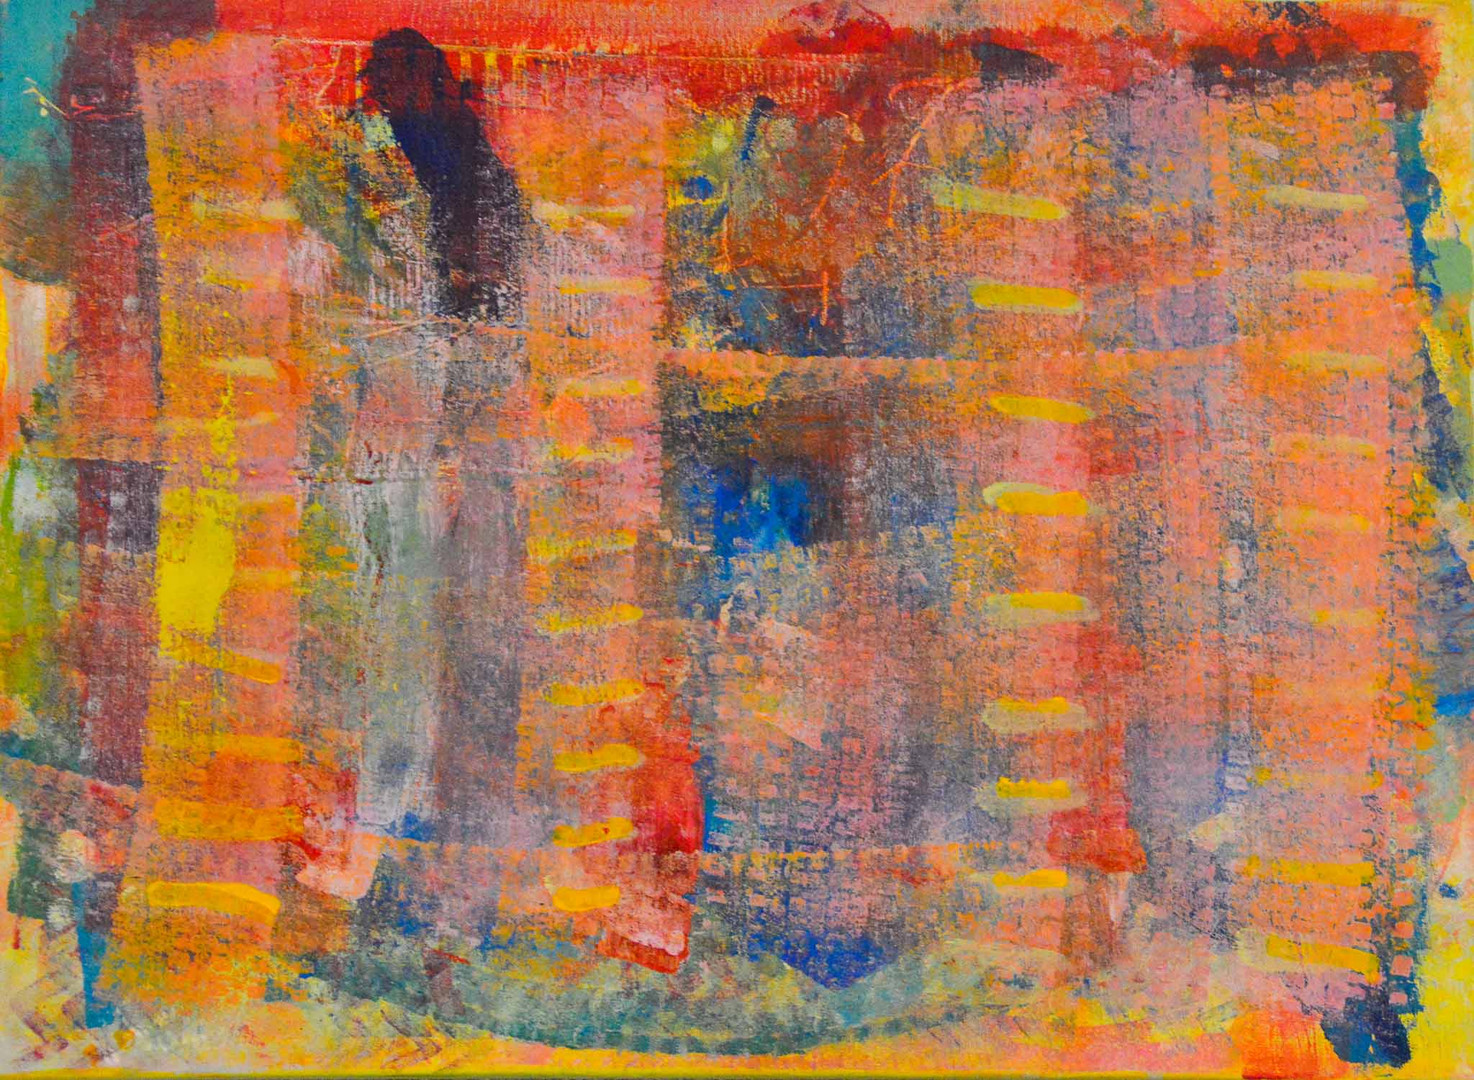 Chris Imbrie Older Paintings-5-2.jpg